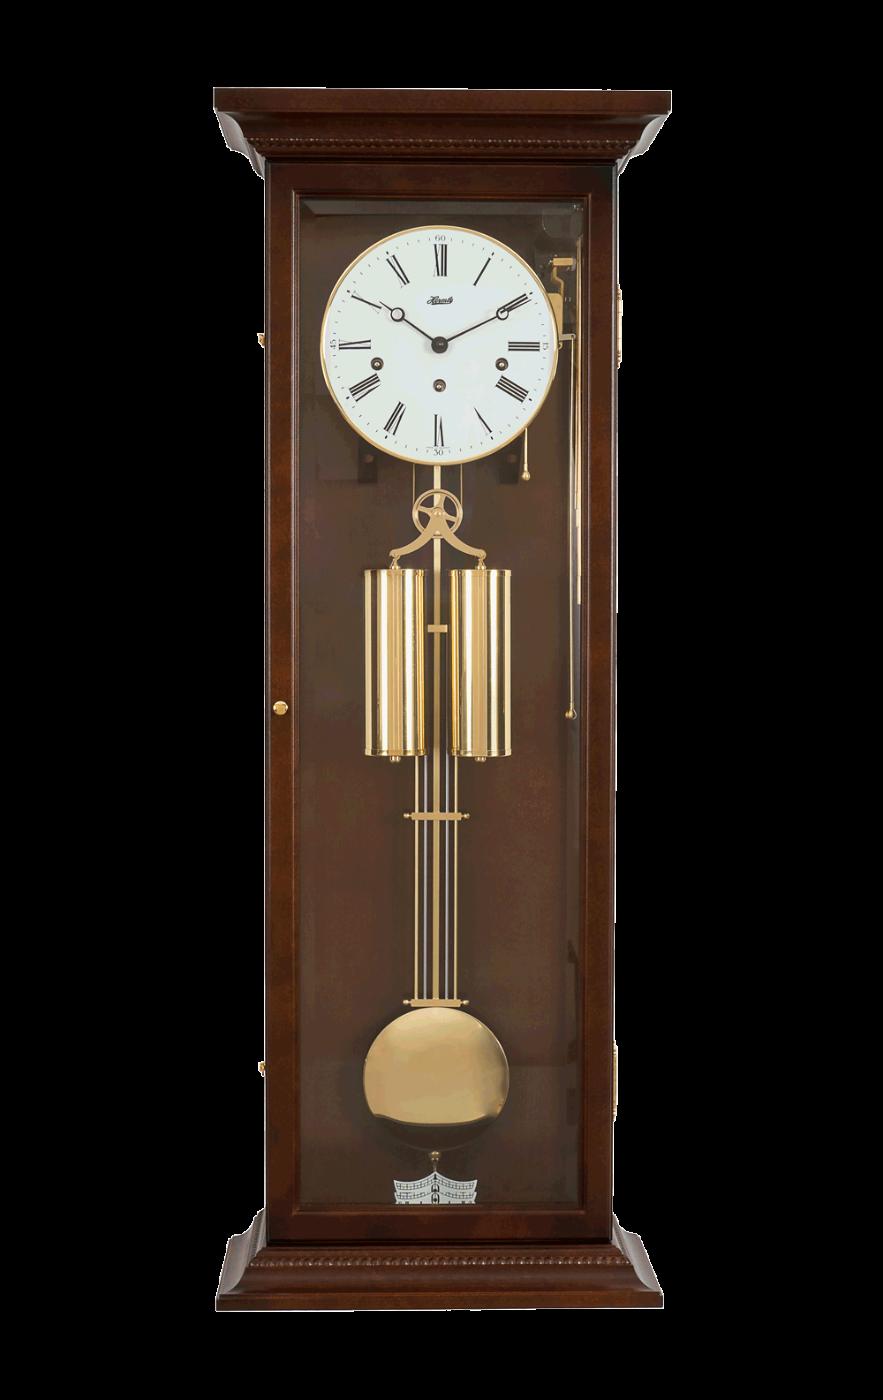 Все настенные часы с боем, гирями и маятником выполнены в классическом стиле в деревянном корпусе.